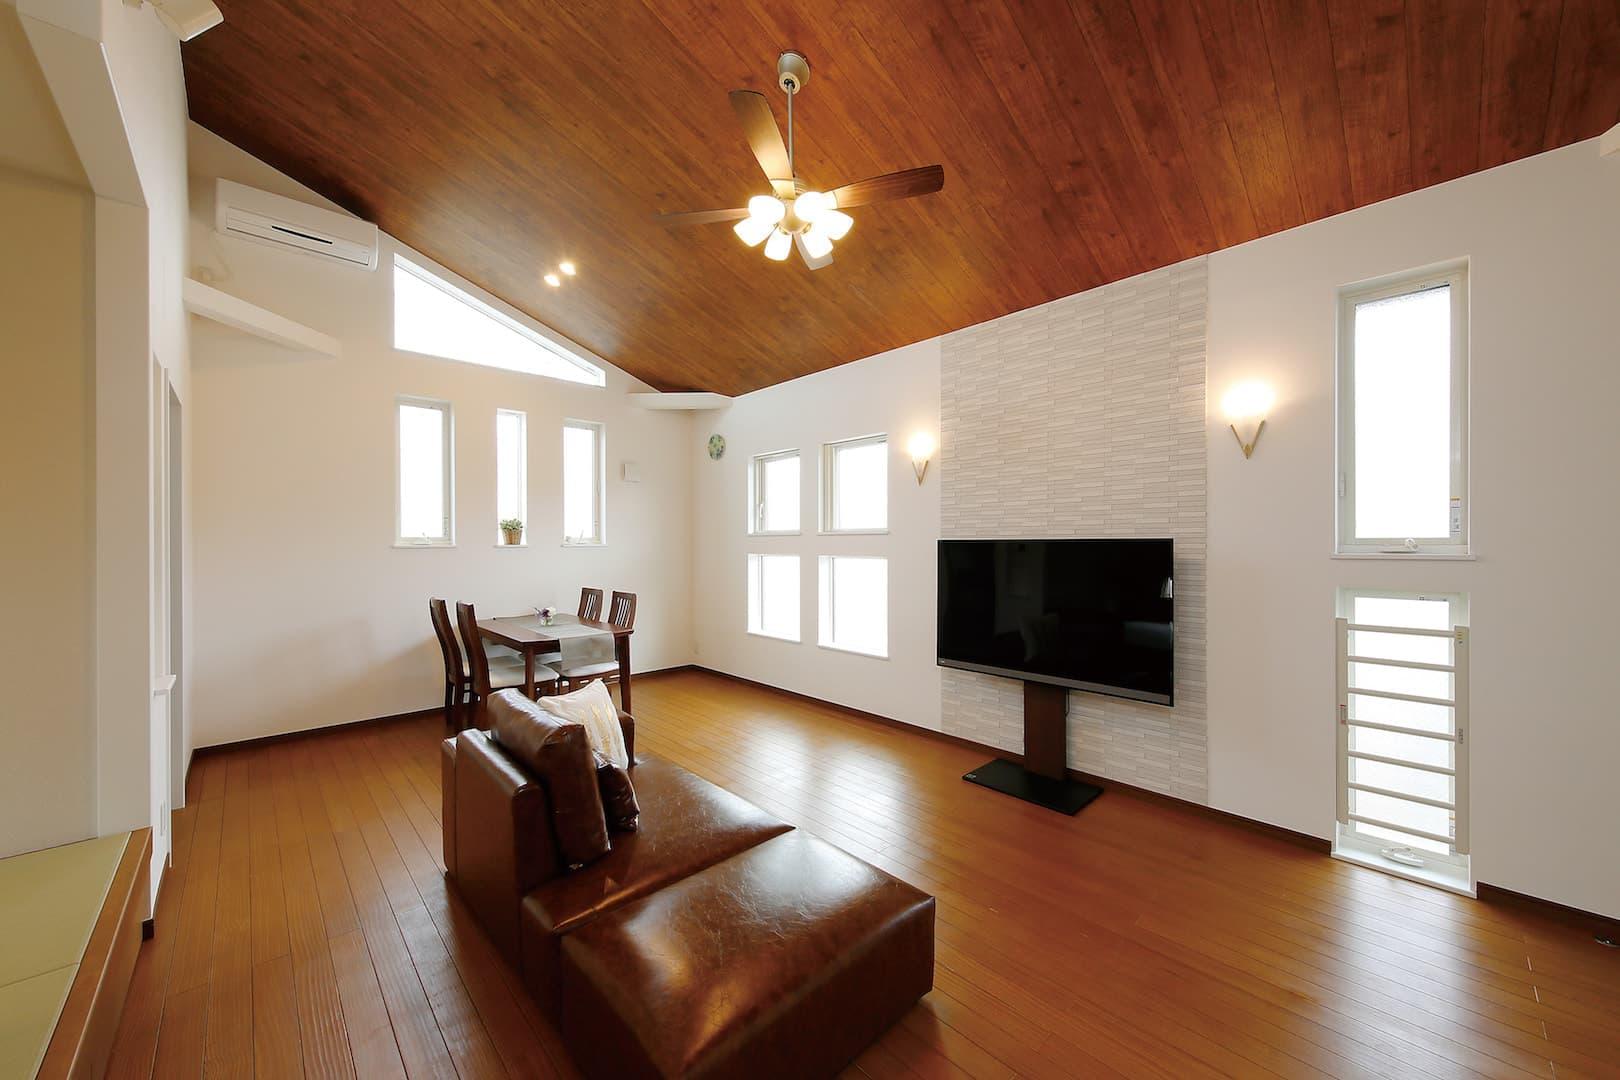 プロが解説|床に使用する木材の種類と無垢床のススメ《第1回:一般的な複合フローリング材と無垢床の違いとは!?》